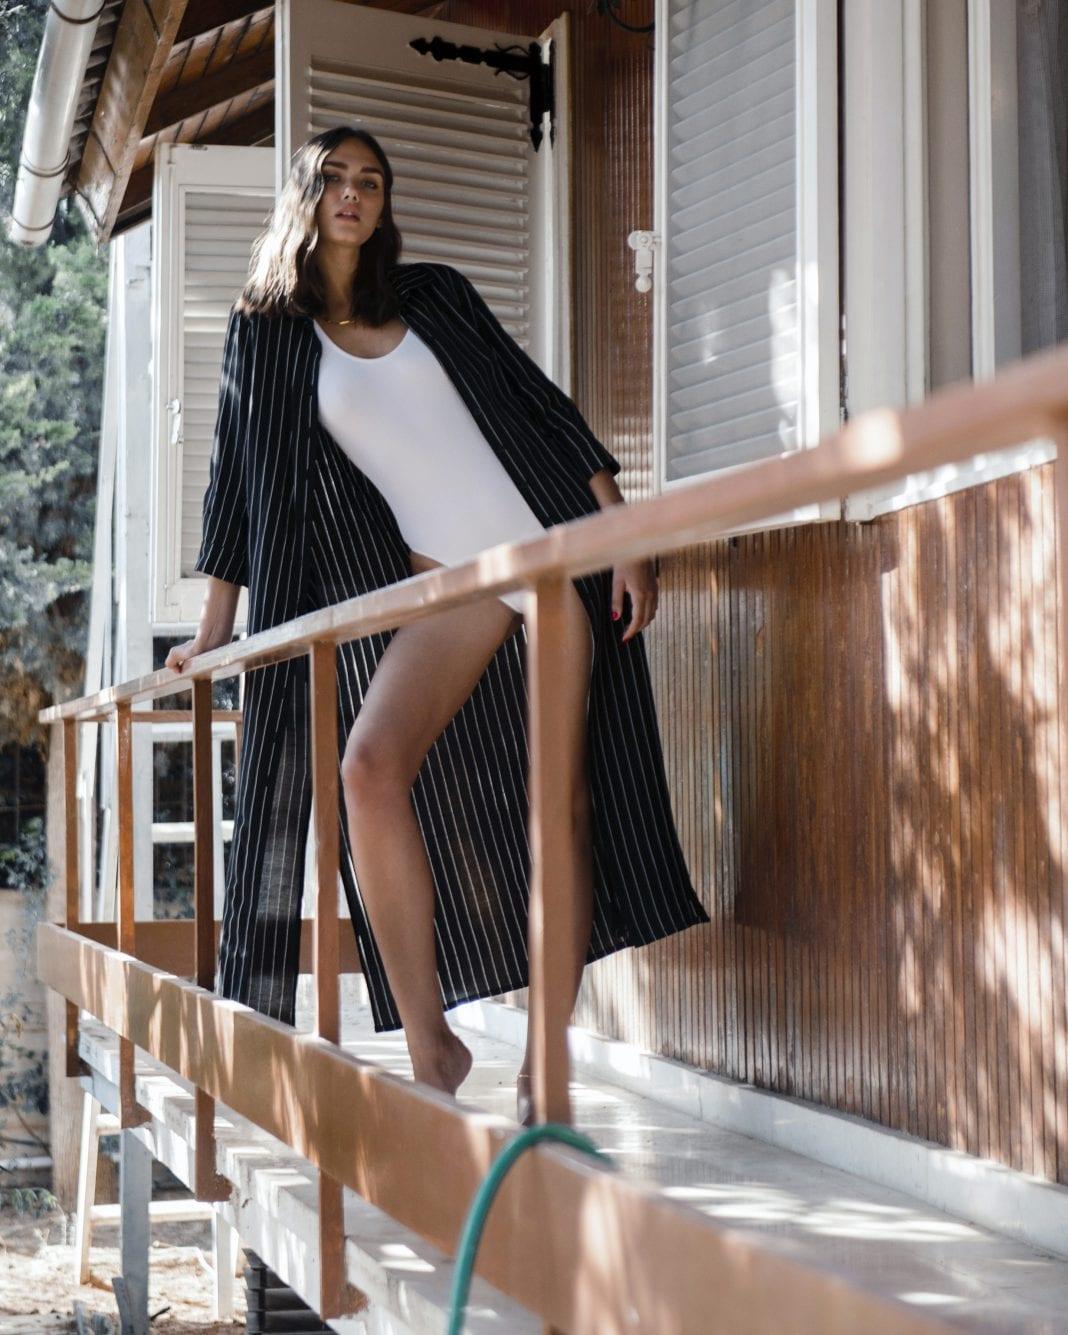 Αυτή είναι η πρώτη Ready-to-wear collection της σχεδιάστριας Stefania Fragista